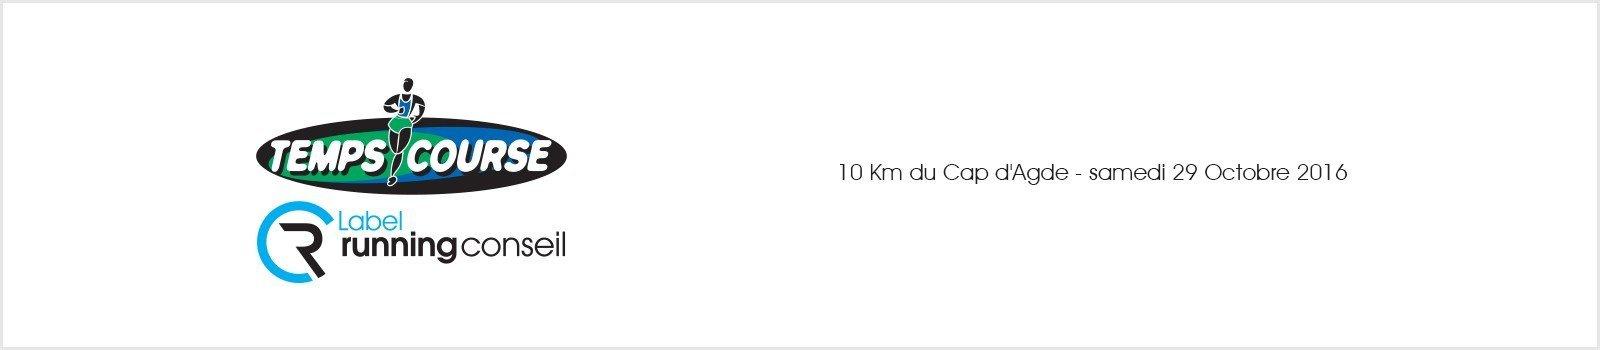 10 Km du Cap d'Agde - samedi 29 Octobre 2016